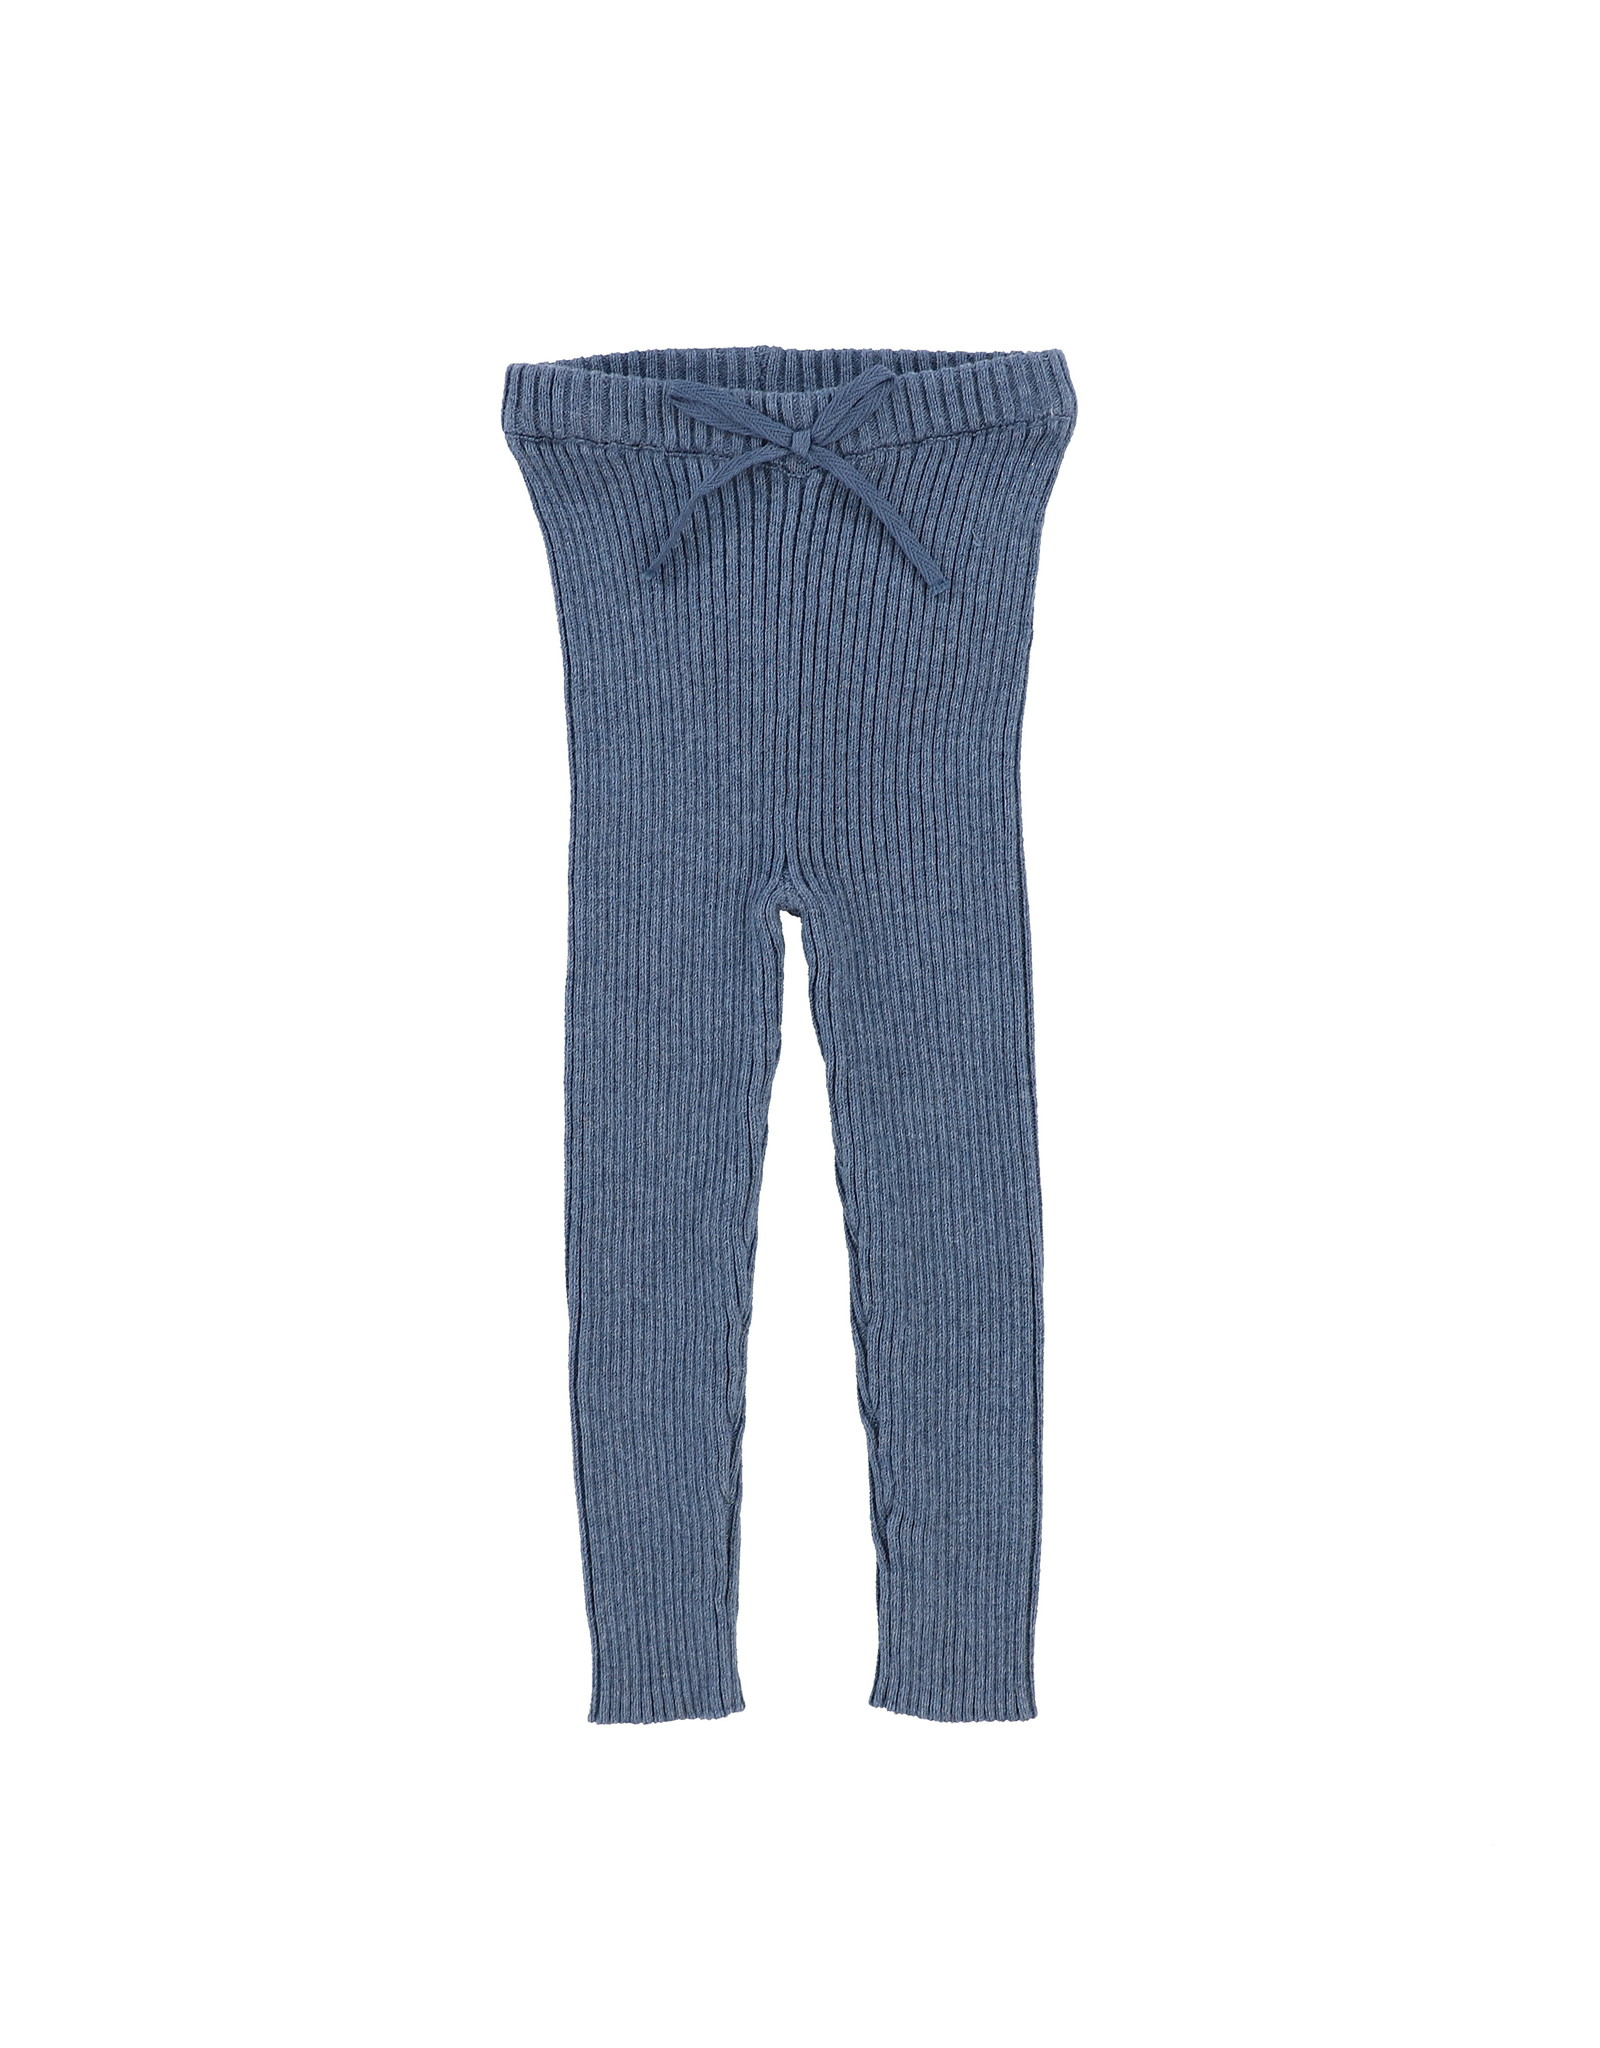 Analogie SS20 Knit Long Leggings